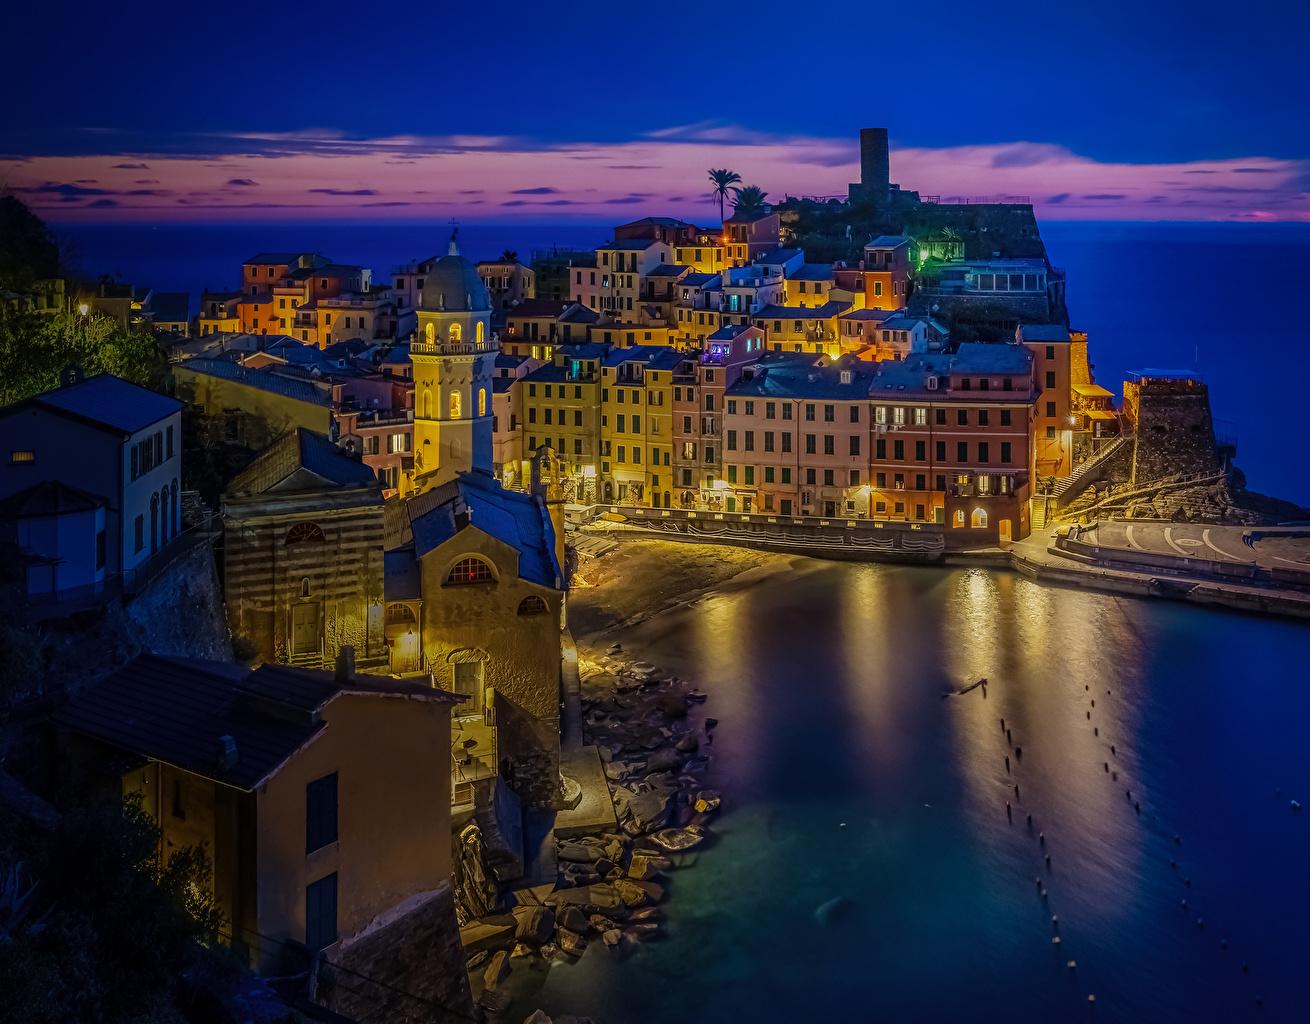 Фотографии Лигурия Вернацца Италия Ночь заливы город Здания Залив ночью в ночи залива Ночные Дома Города